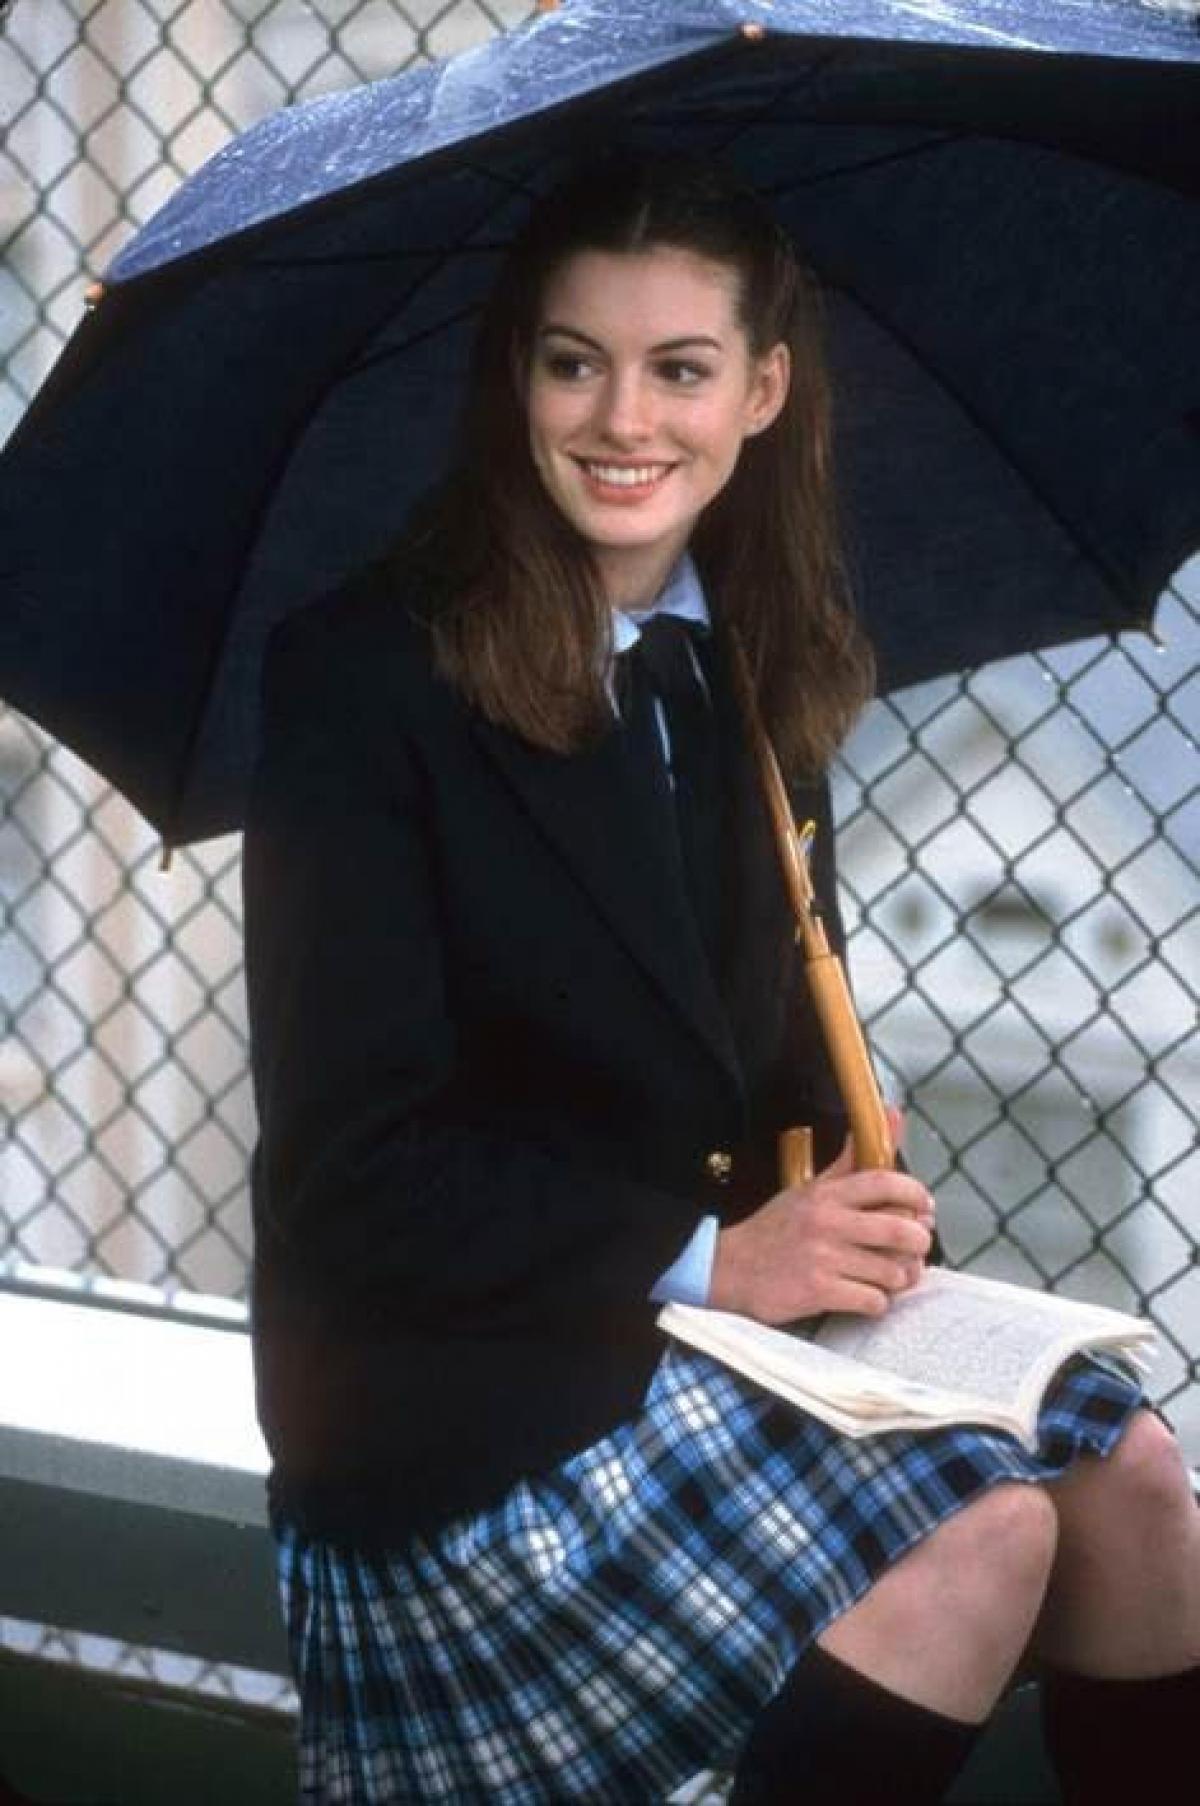 """Lần đầu tiên góp mặt trong một phim điện ảnh, Anne hóa thân thành công chúa Mia Thermopolis trong """"The Princess Diaries"""" (Nhật ký công chúa"""", chuyển thể từ cuốn sách ăn khách cùng tên của Meg Cabot. Sở hữu đôi mắt to tròn, đôi môi ngọt ngào, Anne Hathaway đem tới một vẻ đẹp chuẩn mực của các nàng công chúa cổ tích. Trong bộ đồng phục của một cô nữ sinh tuổi teen, Anne cho thấy sự trẻ trung, ngọt ngào, xen lẫn thơ ngây tuổi mới lớn."""